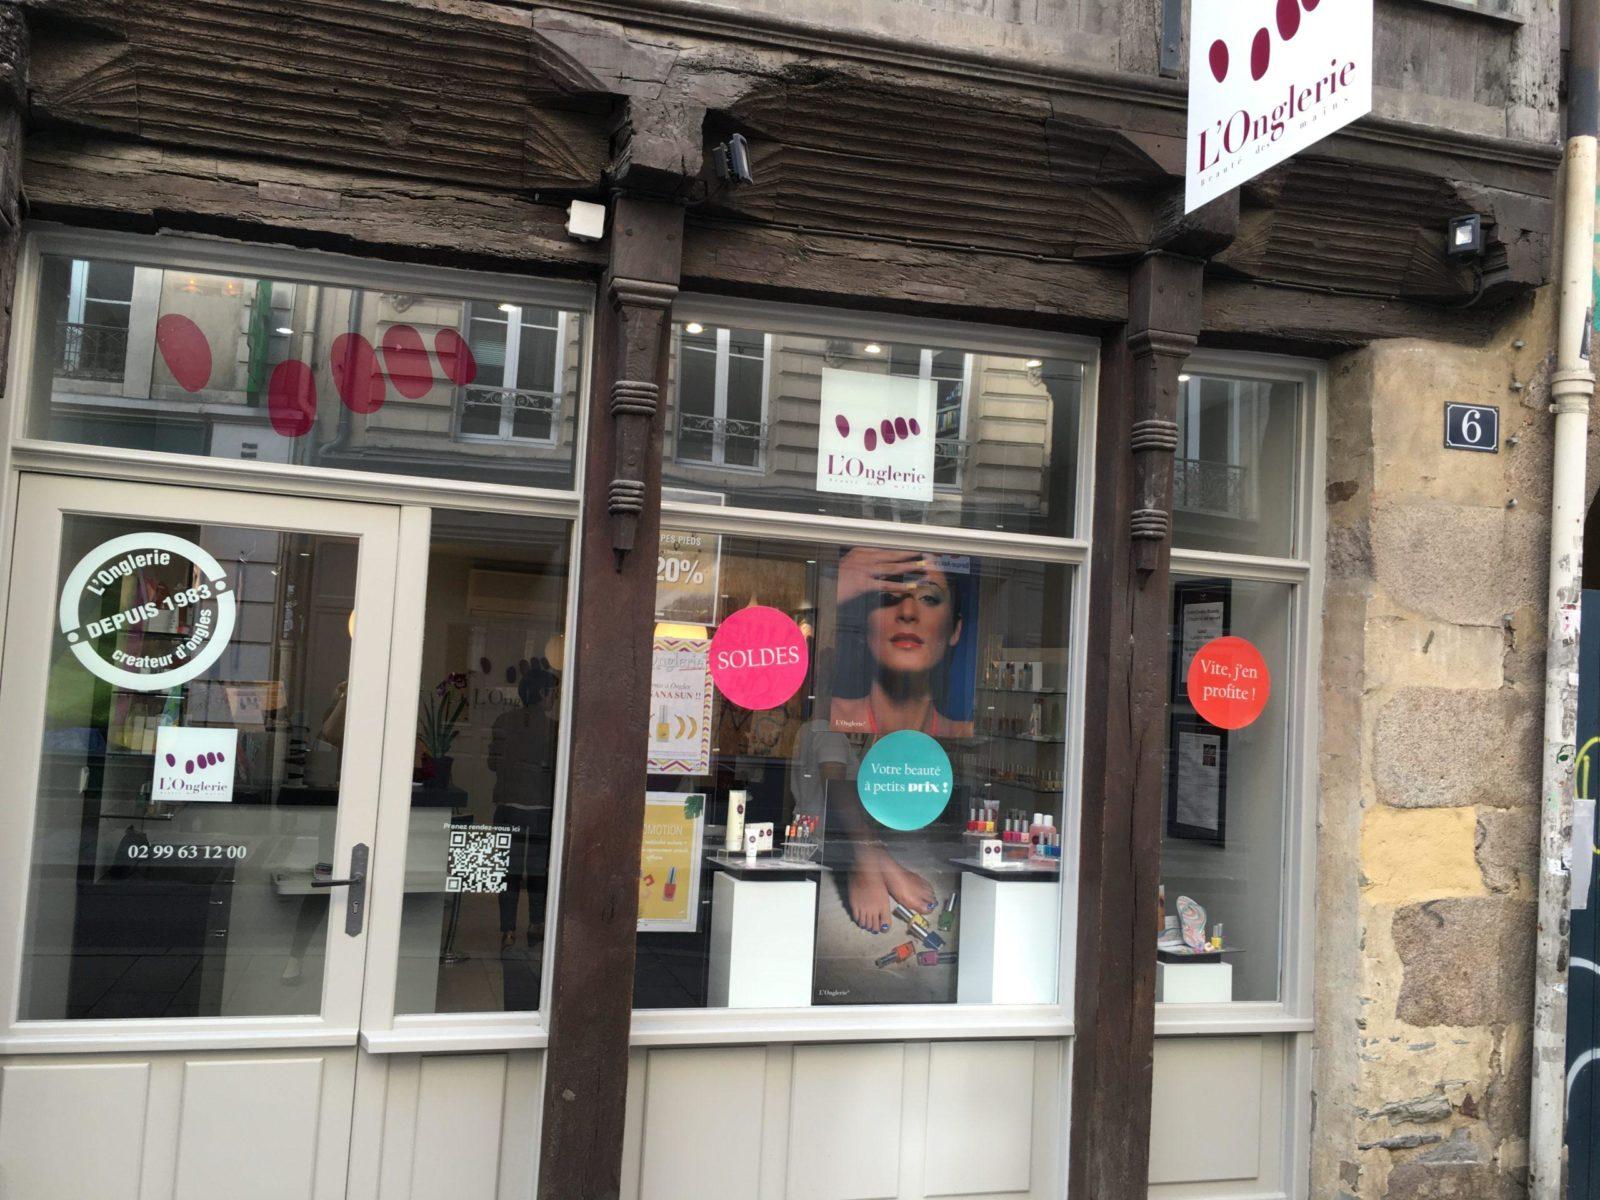 Institut L'Onglerie – Rennes Sainte Anne